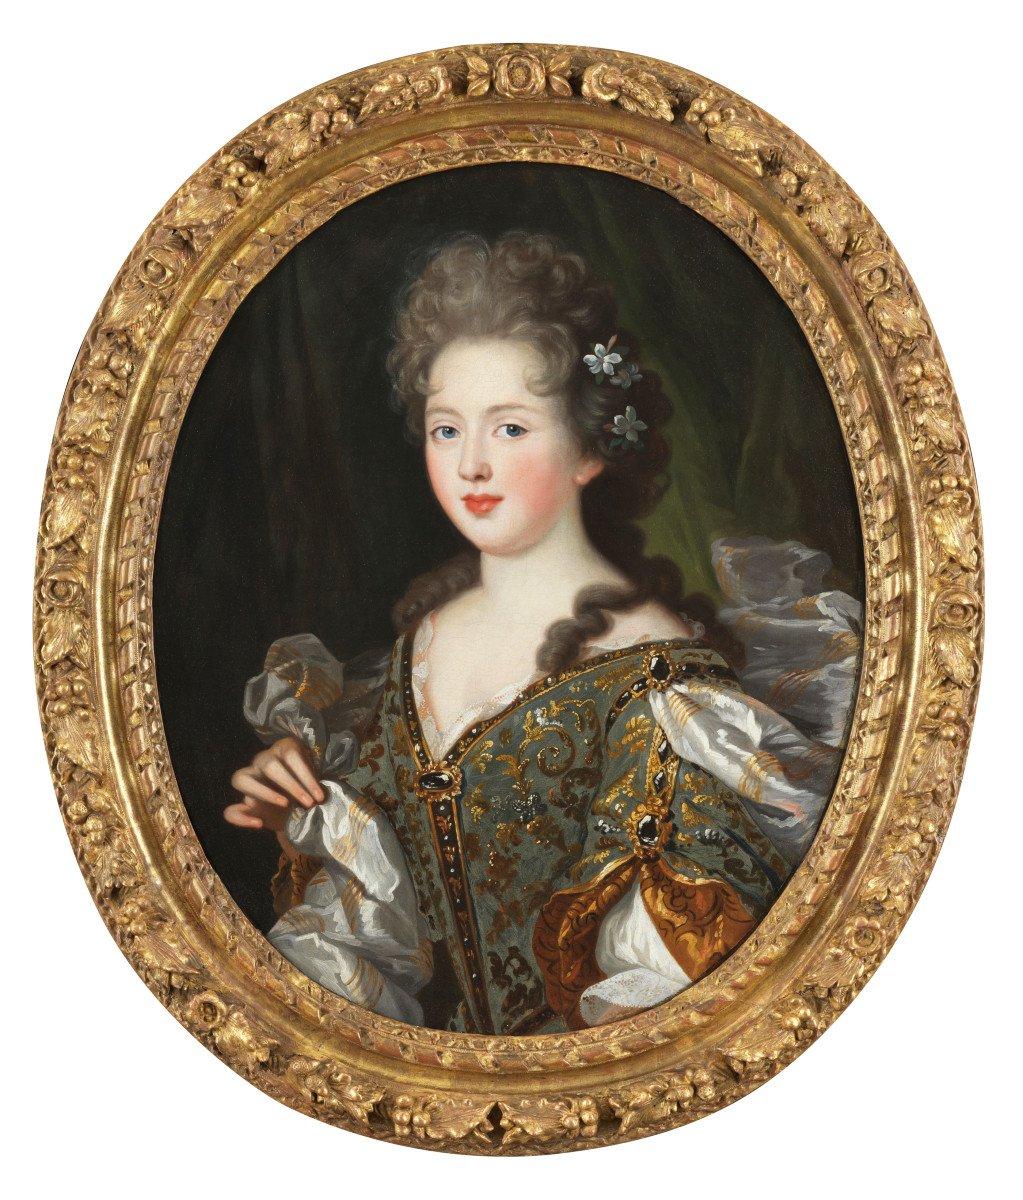 Portrait de jeune princesse – Entourage de Pierre Mignard (1610 – 1695)